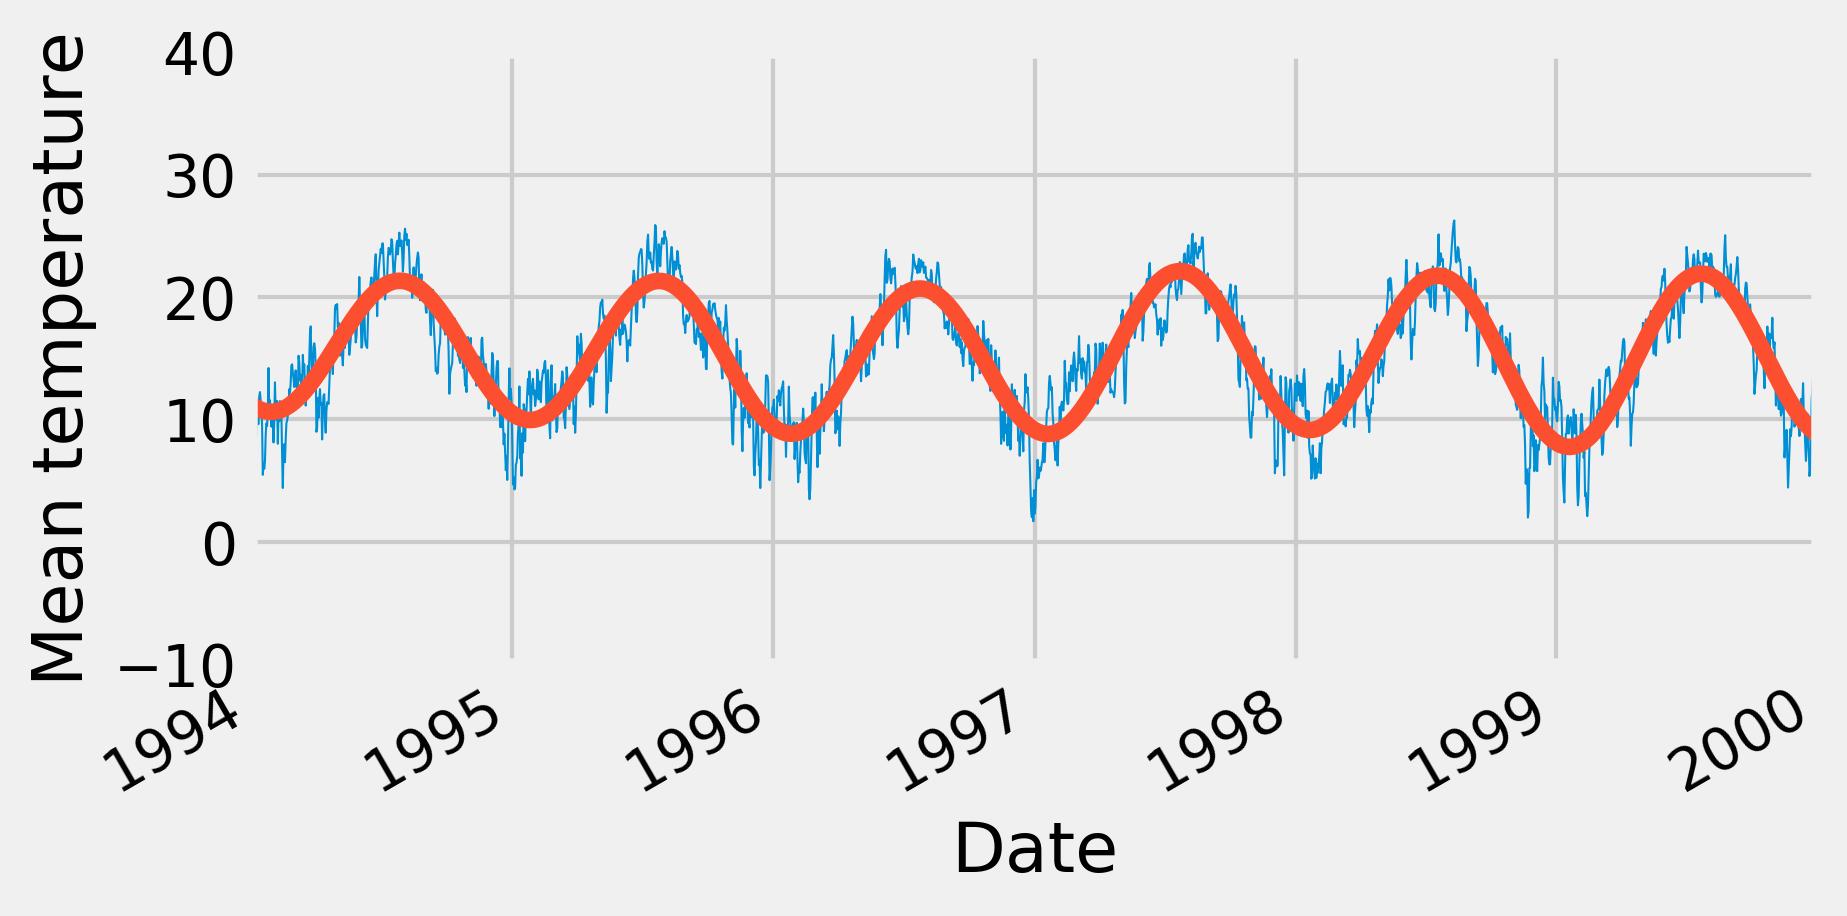 <matplotlib.figure.Figure at 0x8adae48>